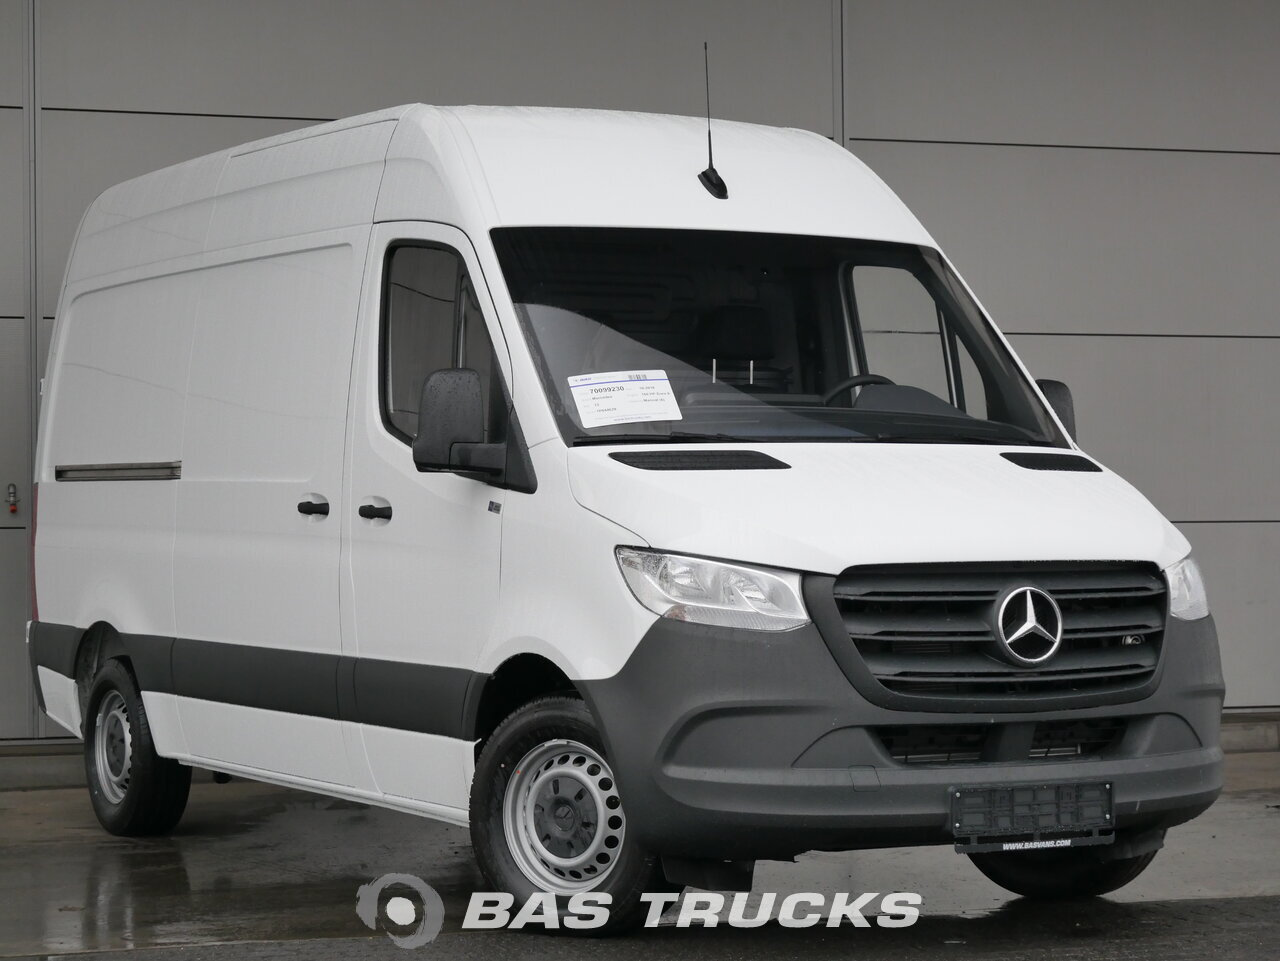 foto di Usato Veicolo commerciale leggero Mercedes Sprinter 2018